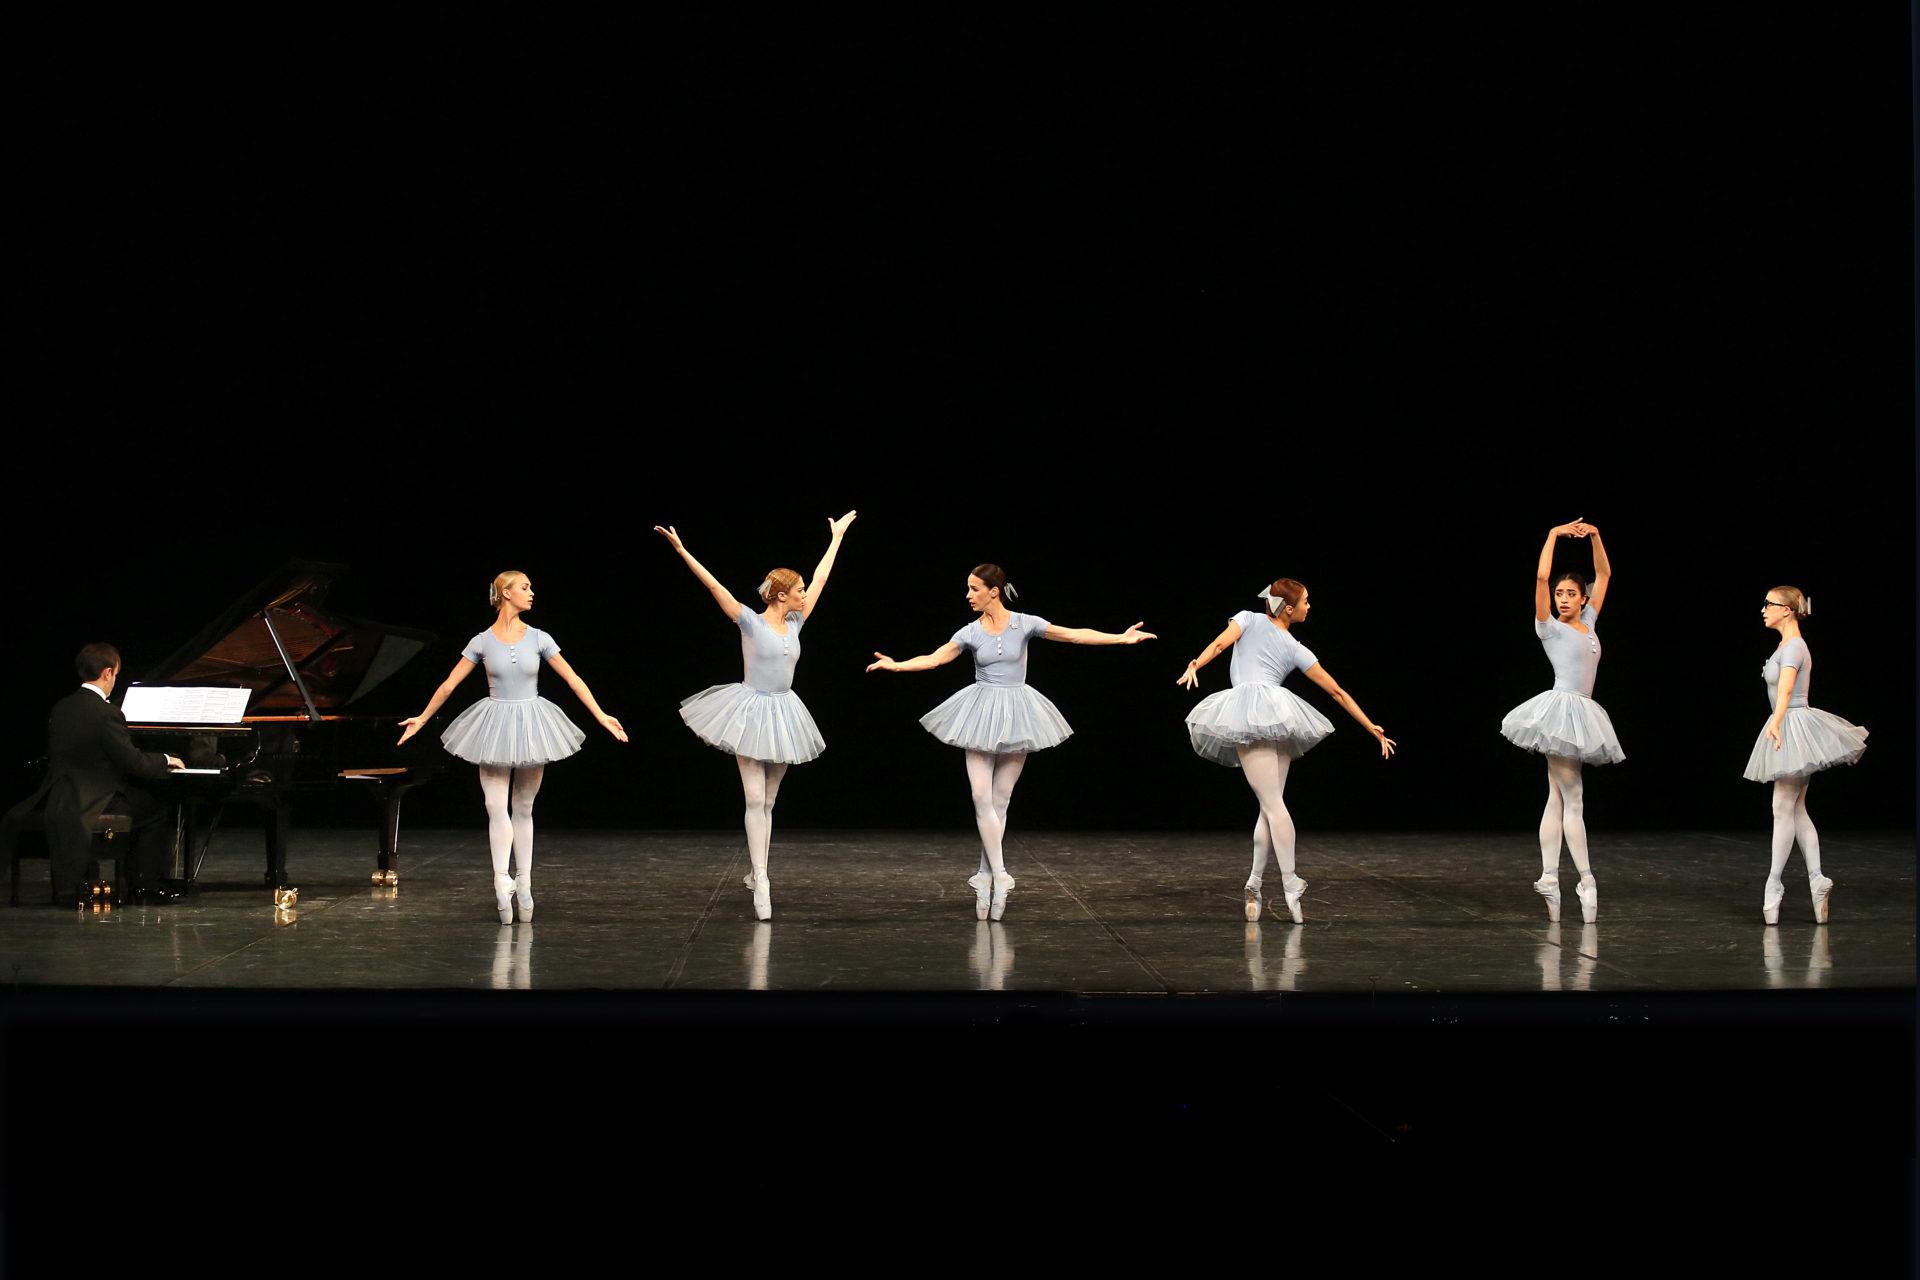 Chopin_Dances_HH_Ballett_Foto_AnjaBeutler.de_365